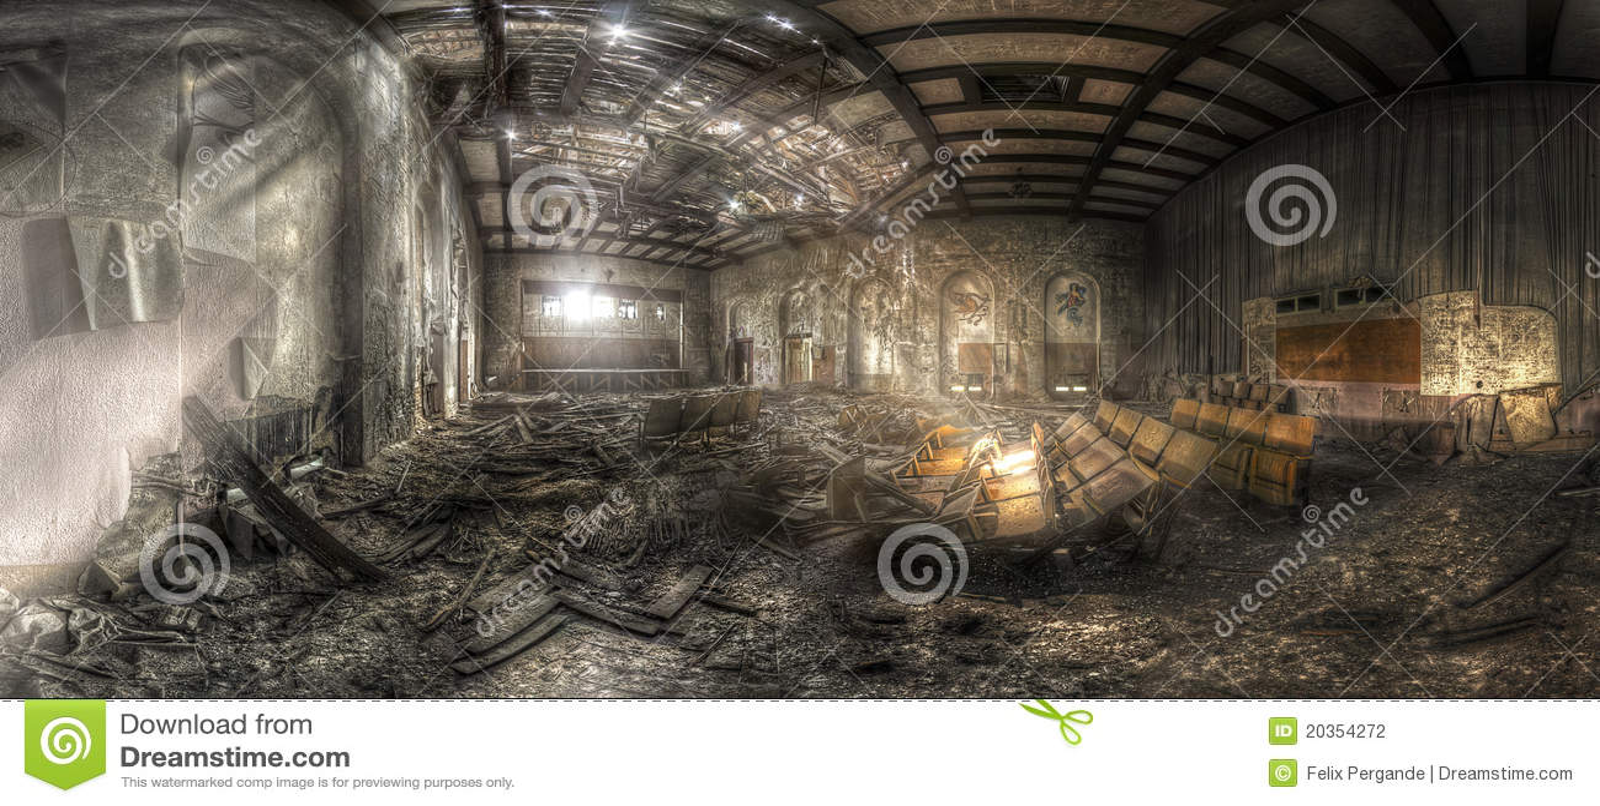 Abandoned theater II